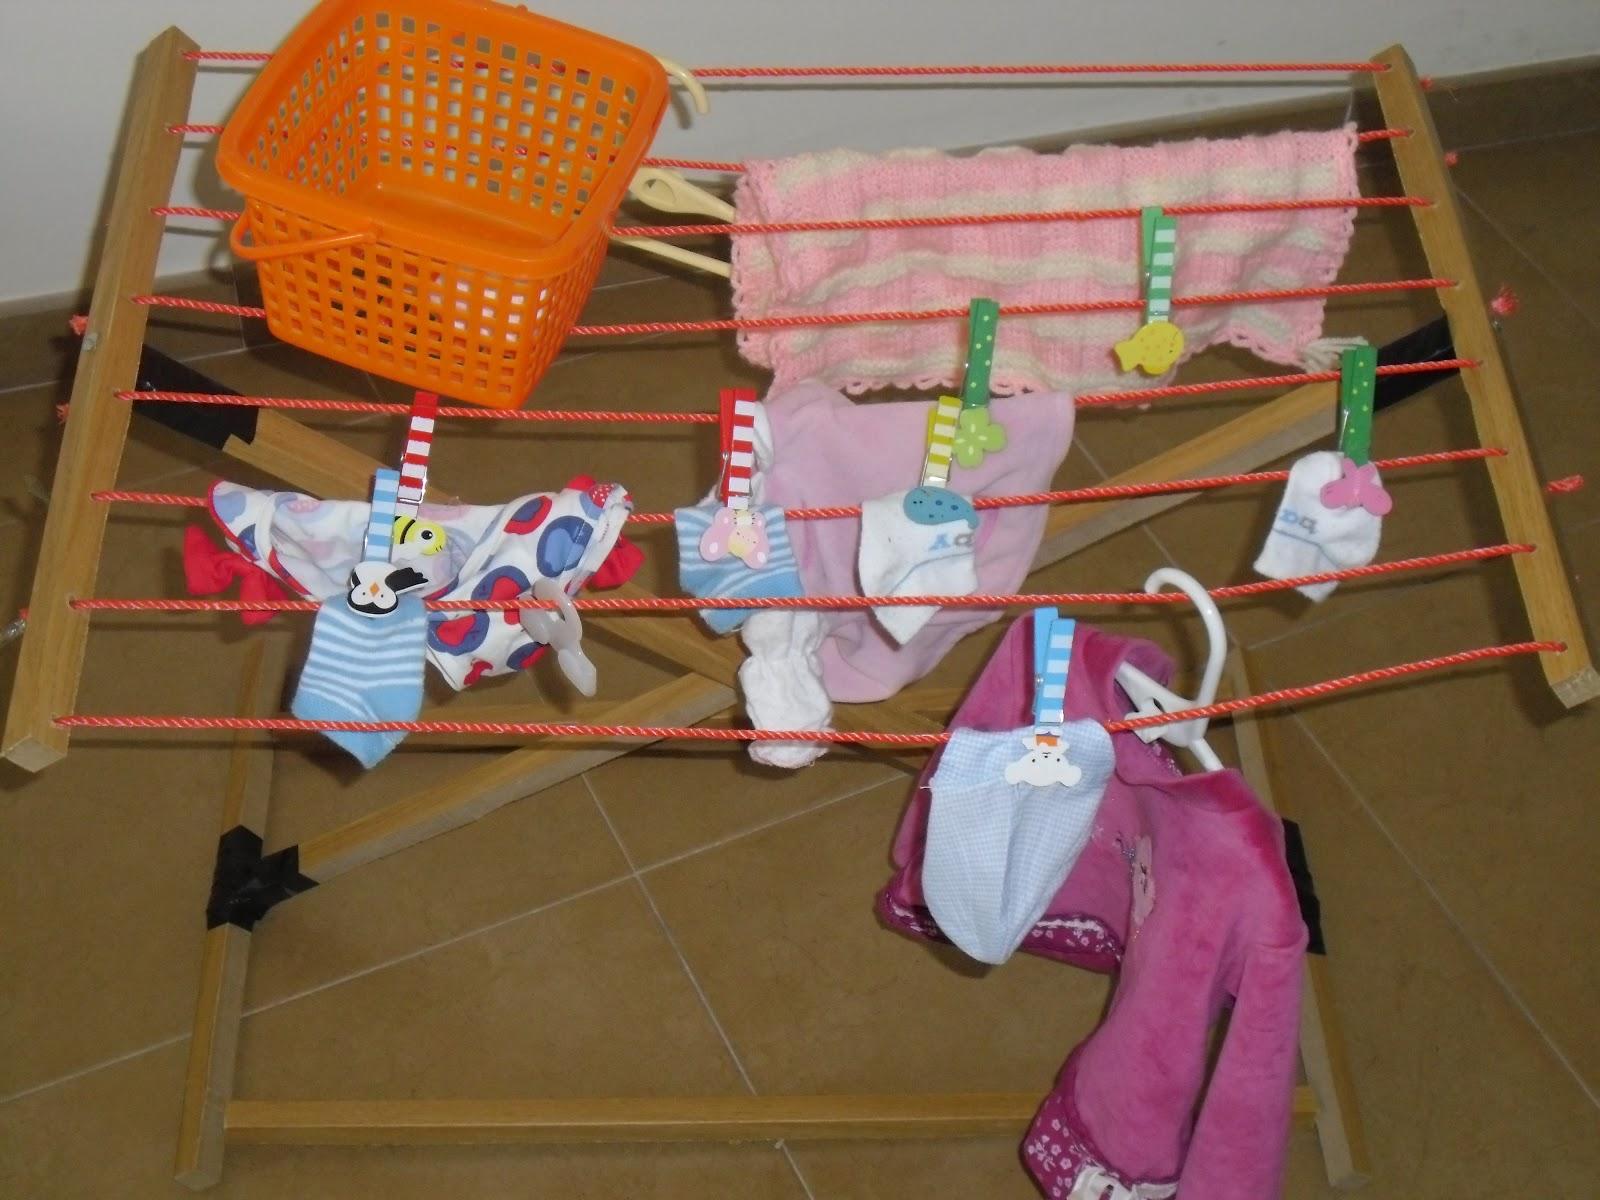 La jirafa 49 haciendo coladas - Como hacer un tendedero de ropa ...